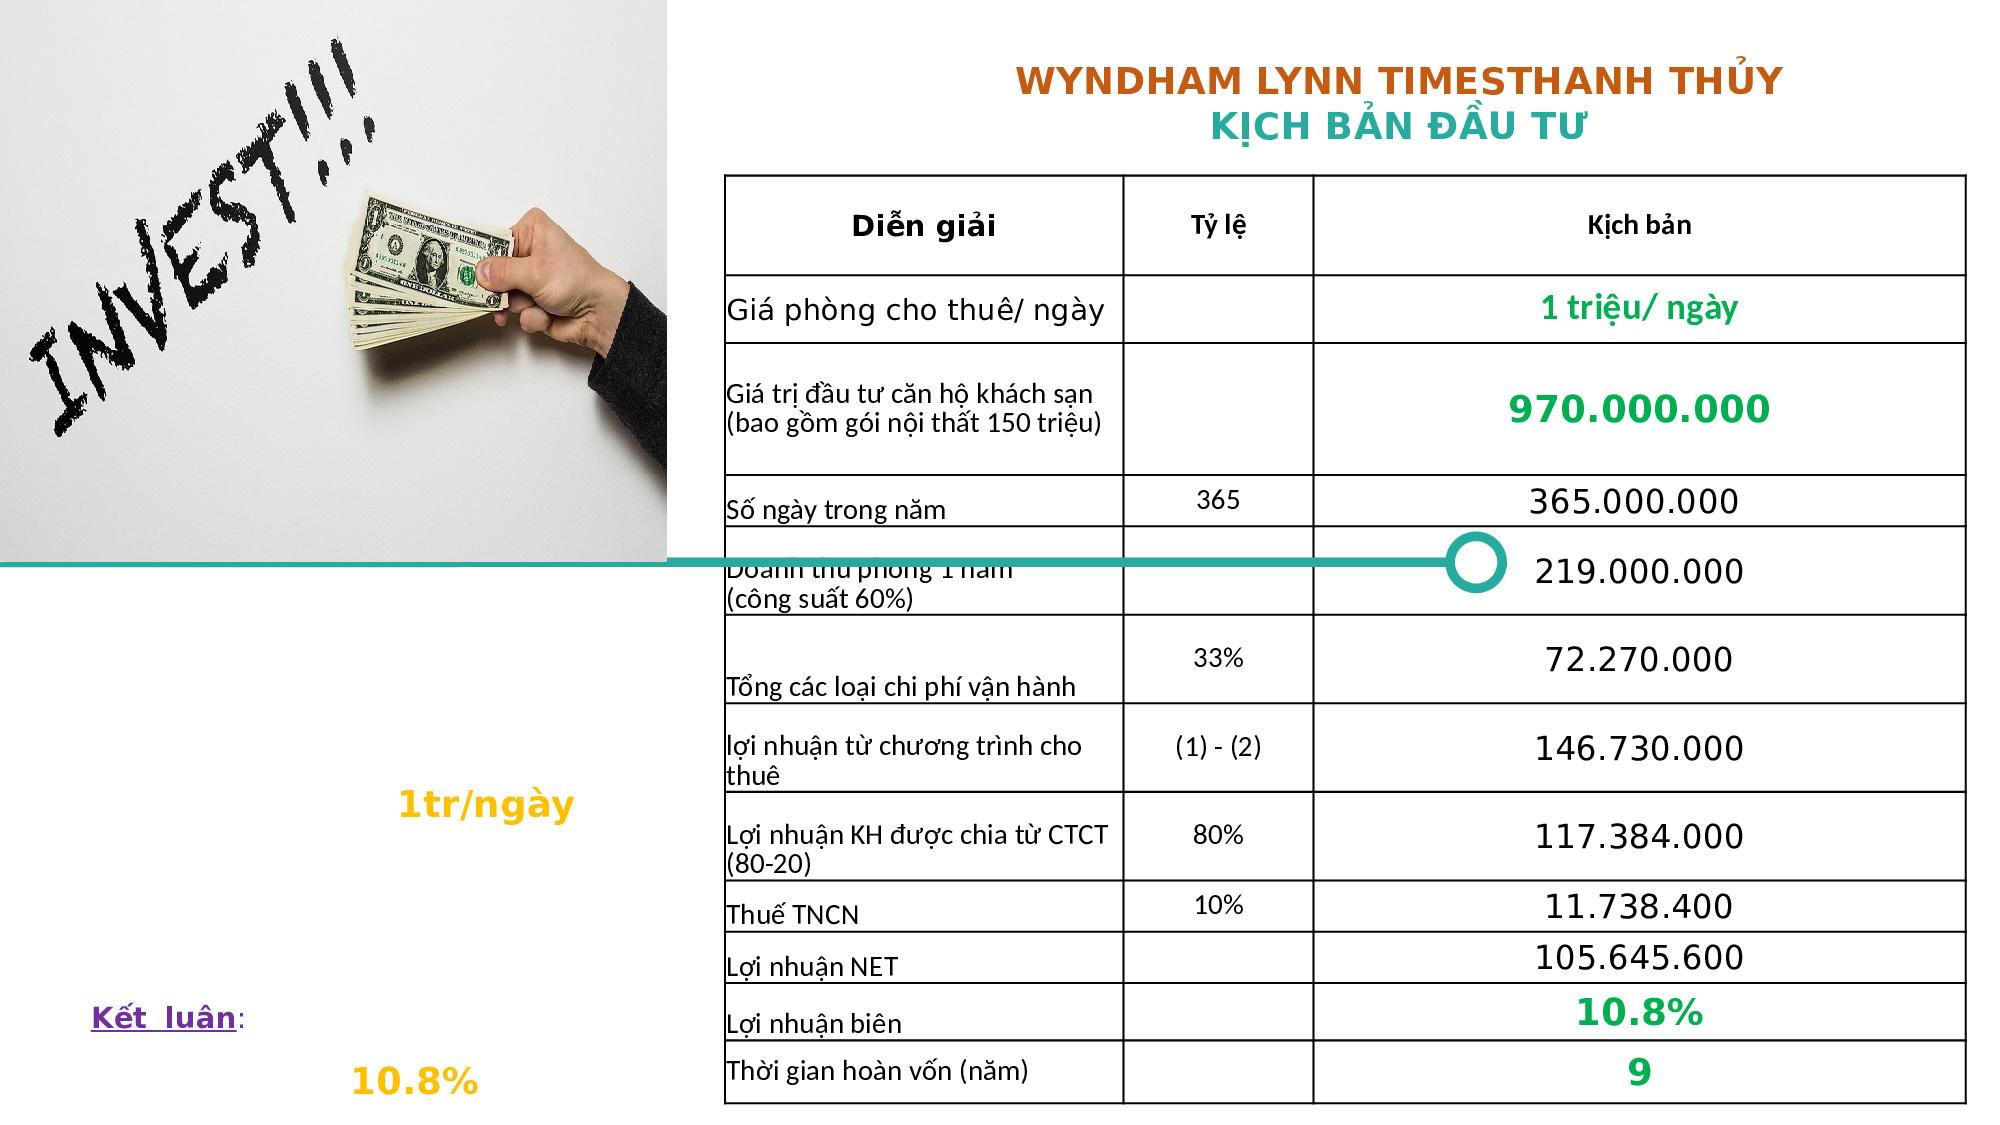 de-thuyet-trinh-whttnew291119edited-12